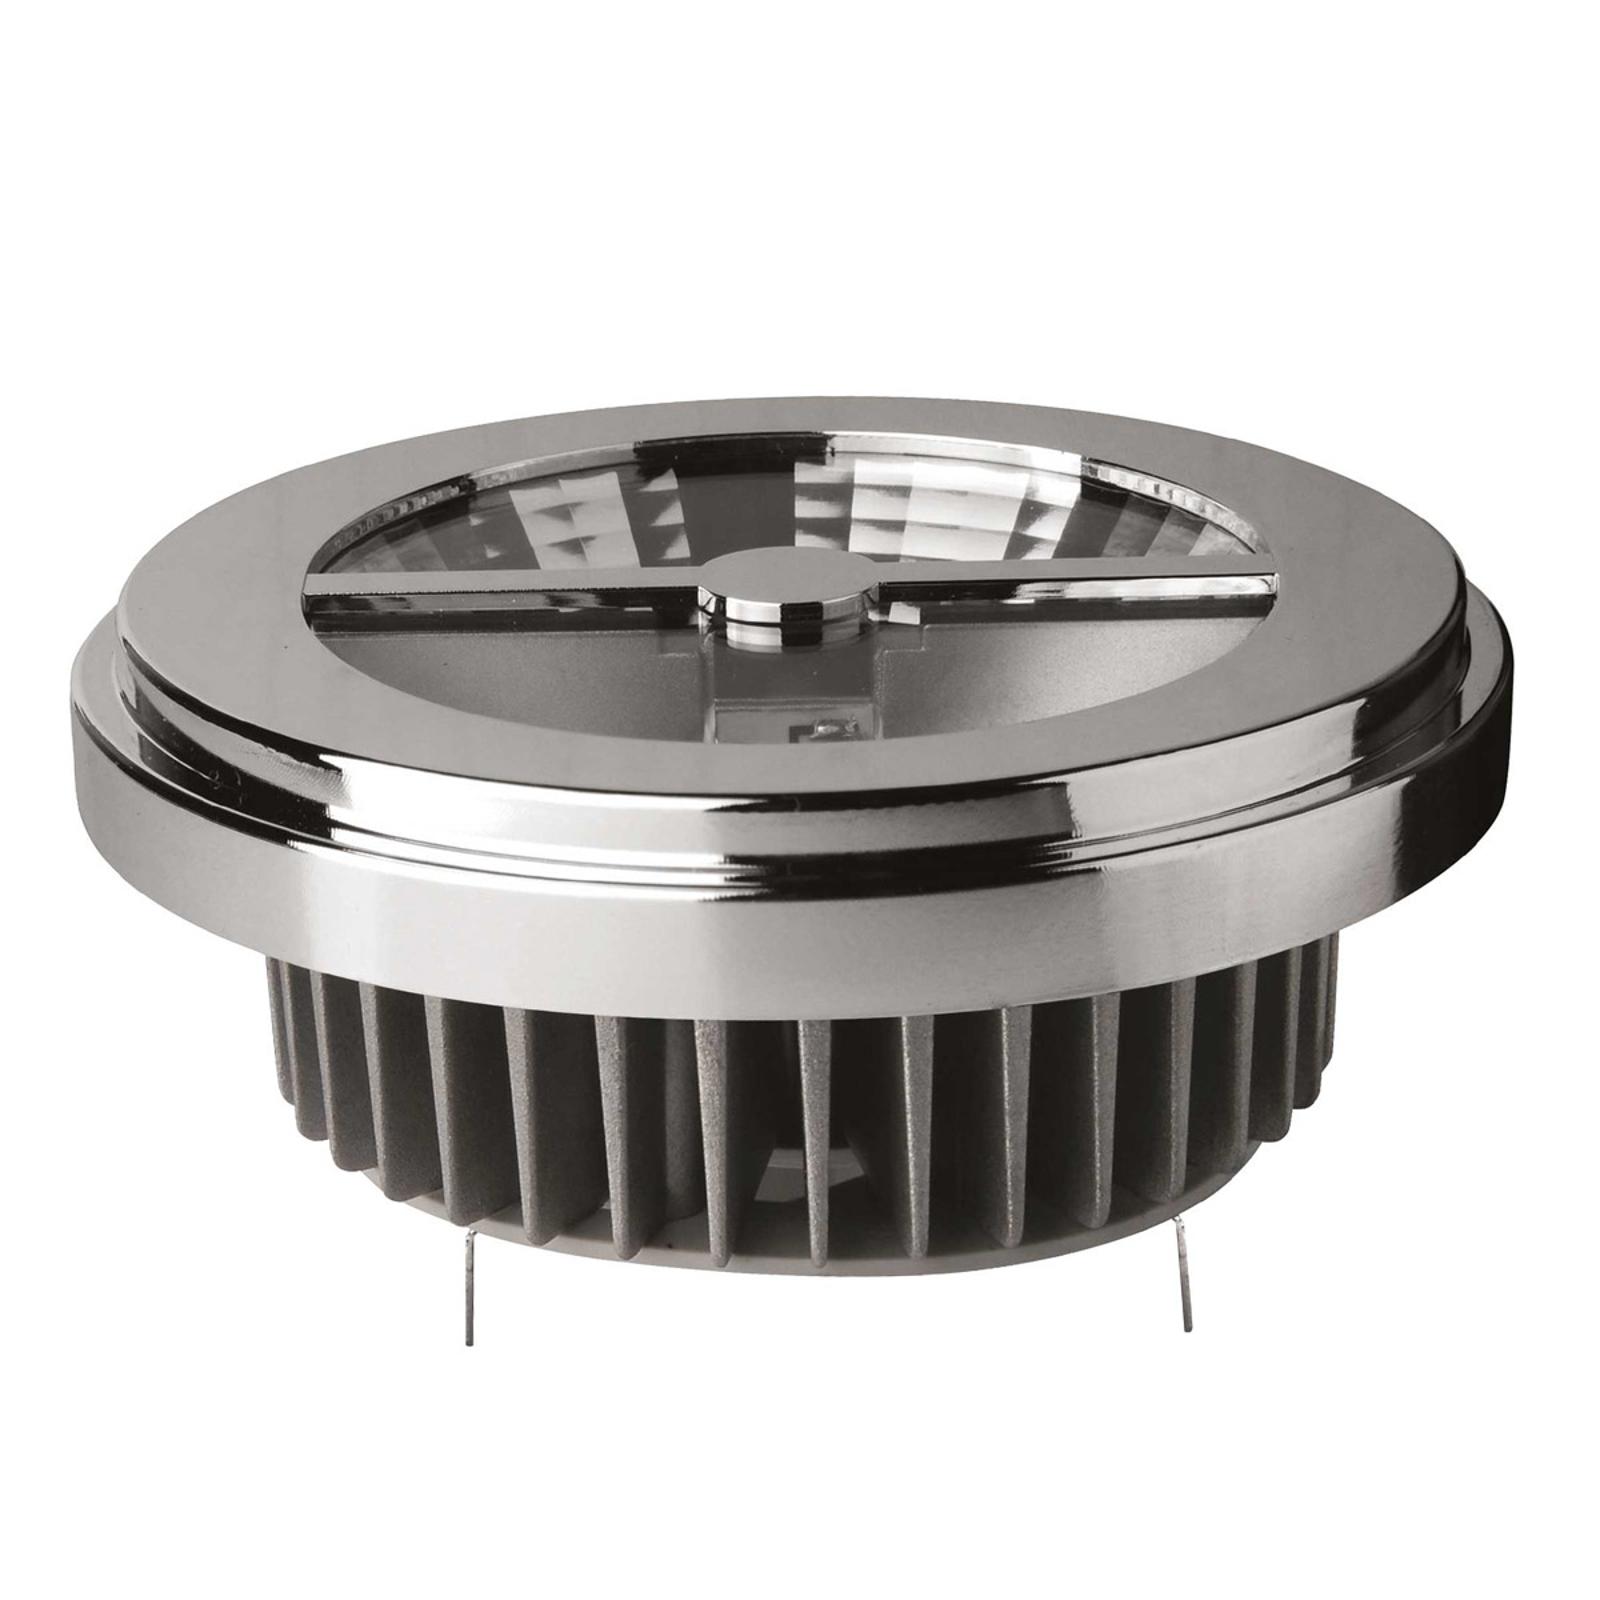 Ampoule LED G53 10W 840 8°, à intensité variable